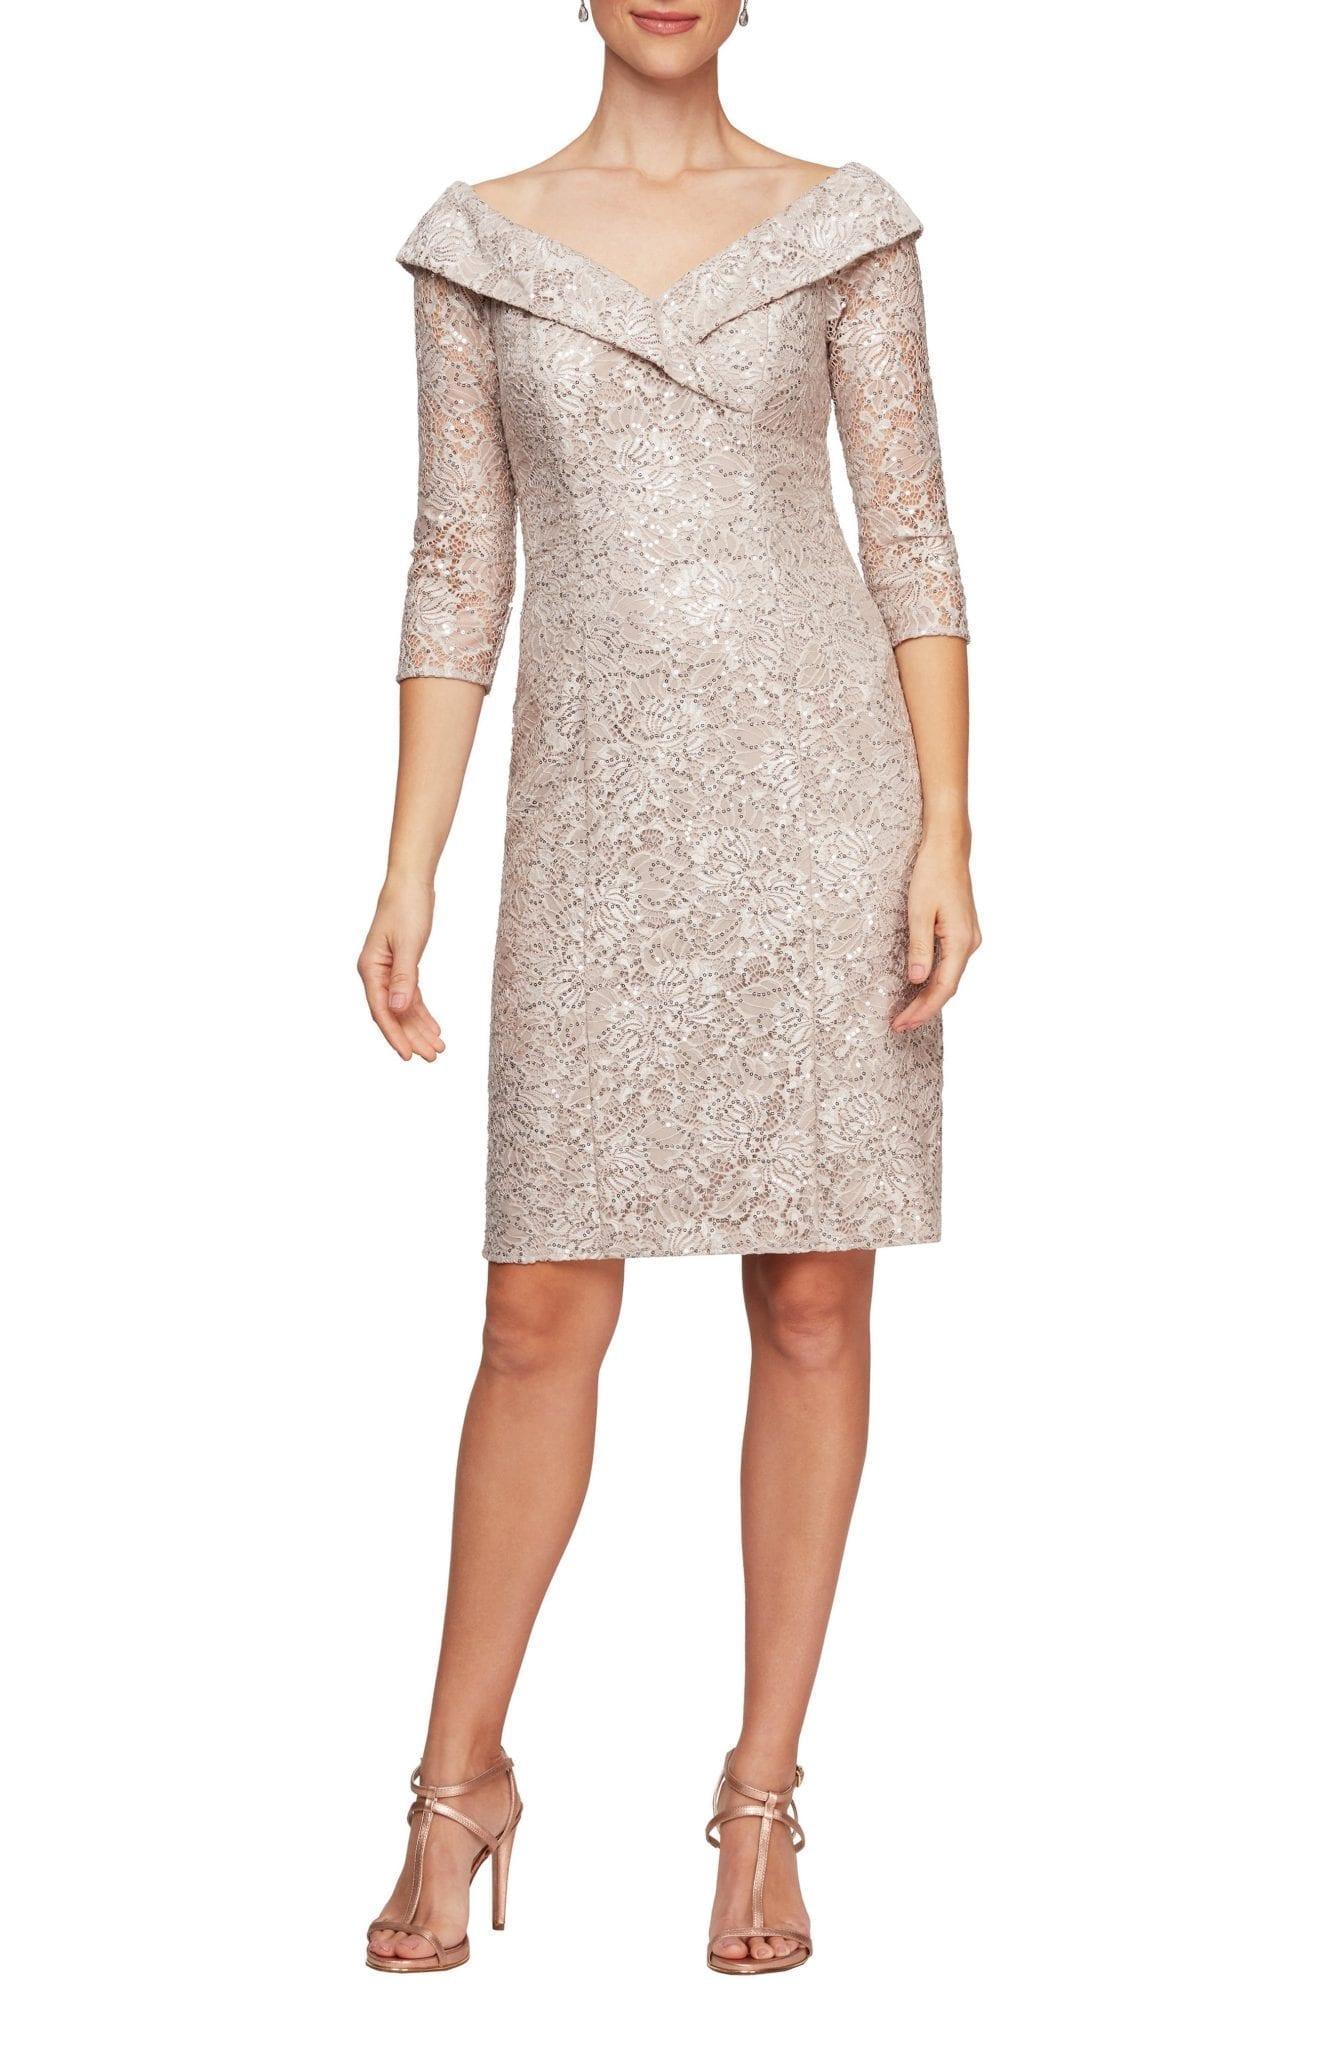 ALEX EVENINGS Off the Shoulder Sequin Lace Sheath Dress